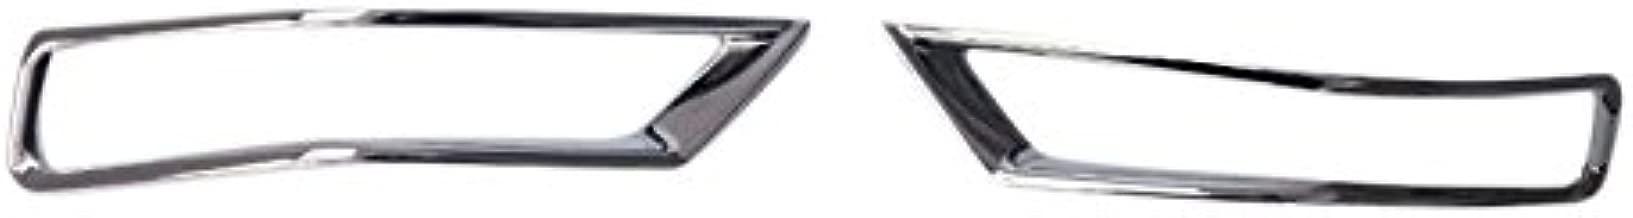 HIGH FLYING para 500X 2015-2018 Embellecedor faros antiniebla cromado 2 piezas Pl/ástico ABS